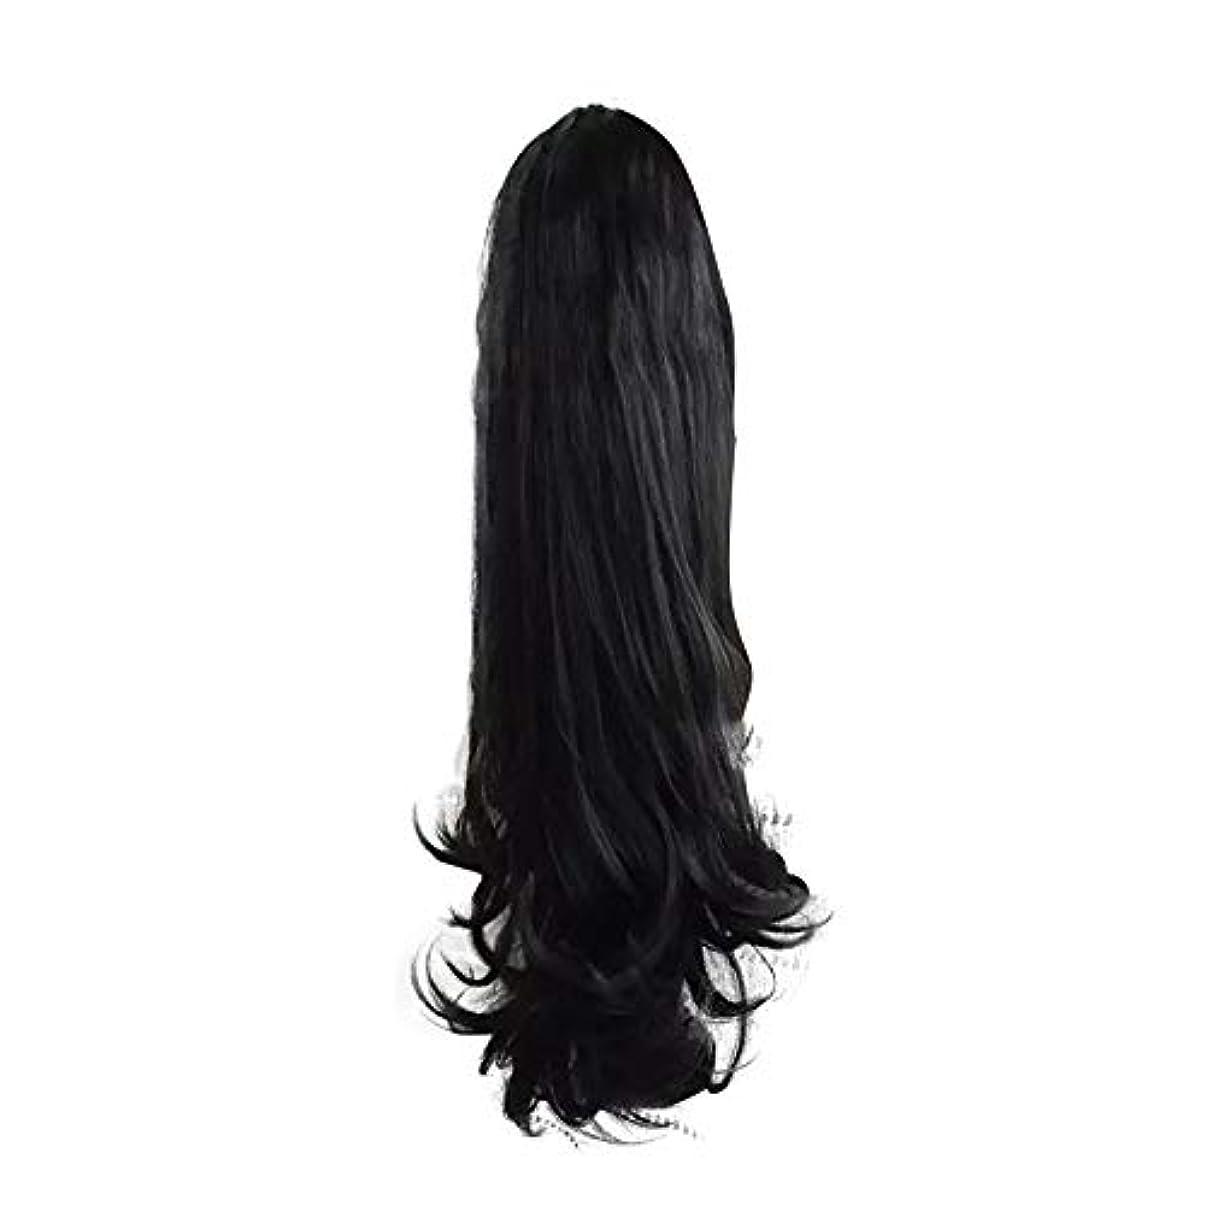 溶融推進力狂人女性のための合成かつらの周りラップで巻き毛のポニーテールエクステンションクリップ自然に見える耐熱性、黒